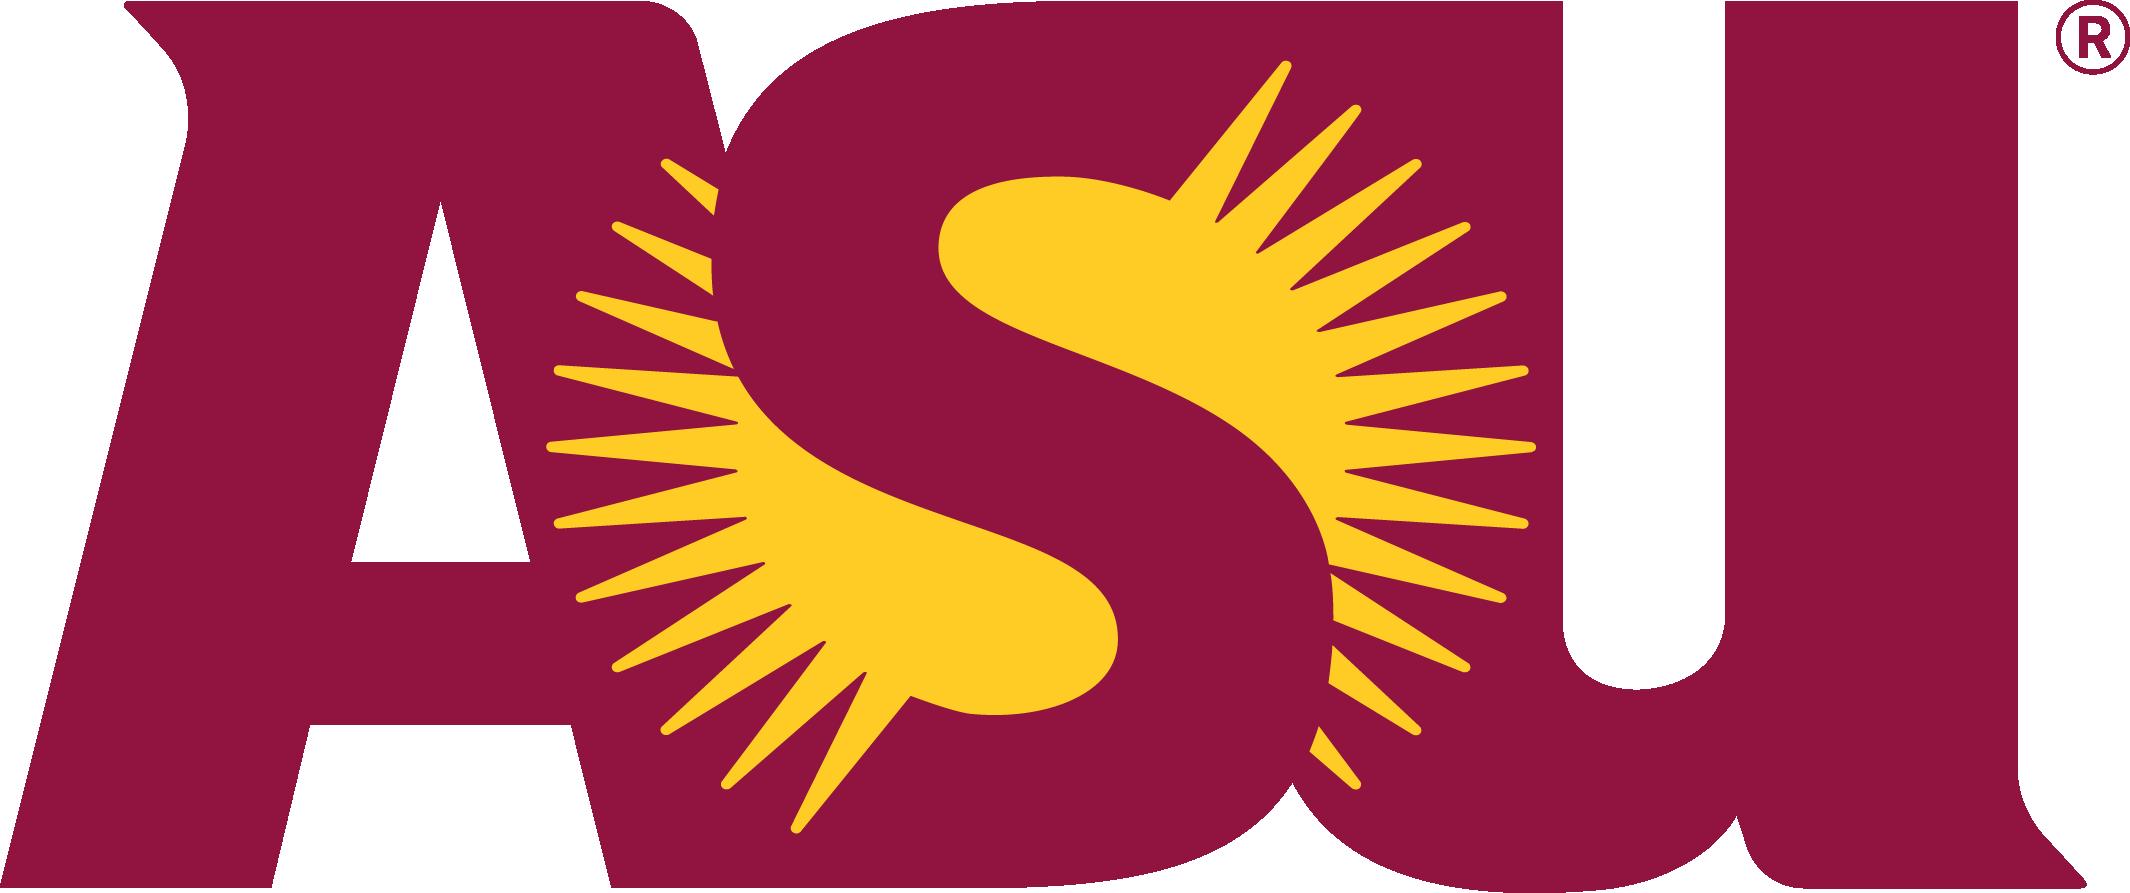 2130x893 Asu Logo Arizona State University Vector Eps Free Download, Logo